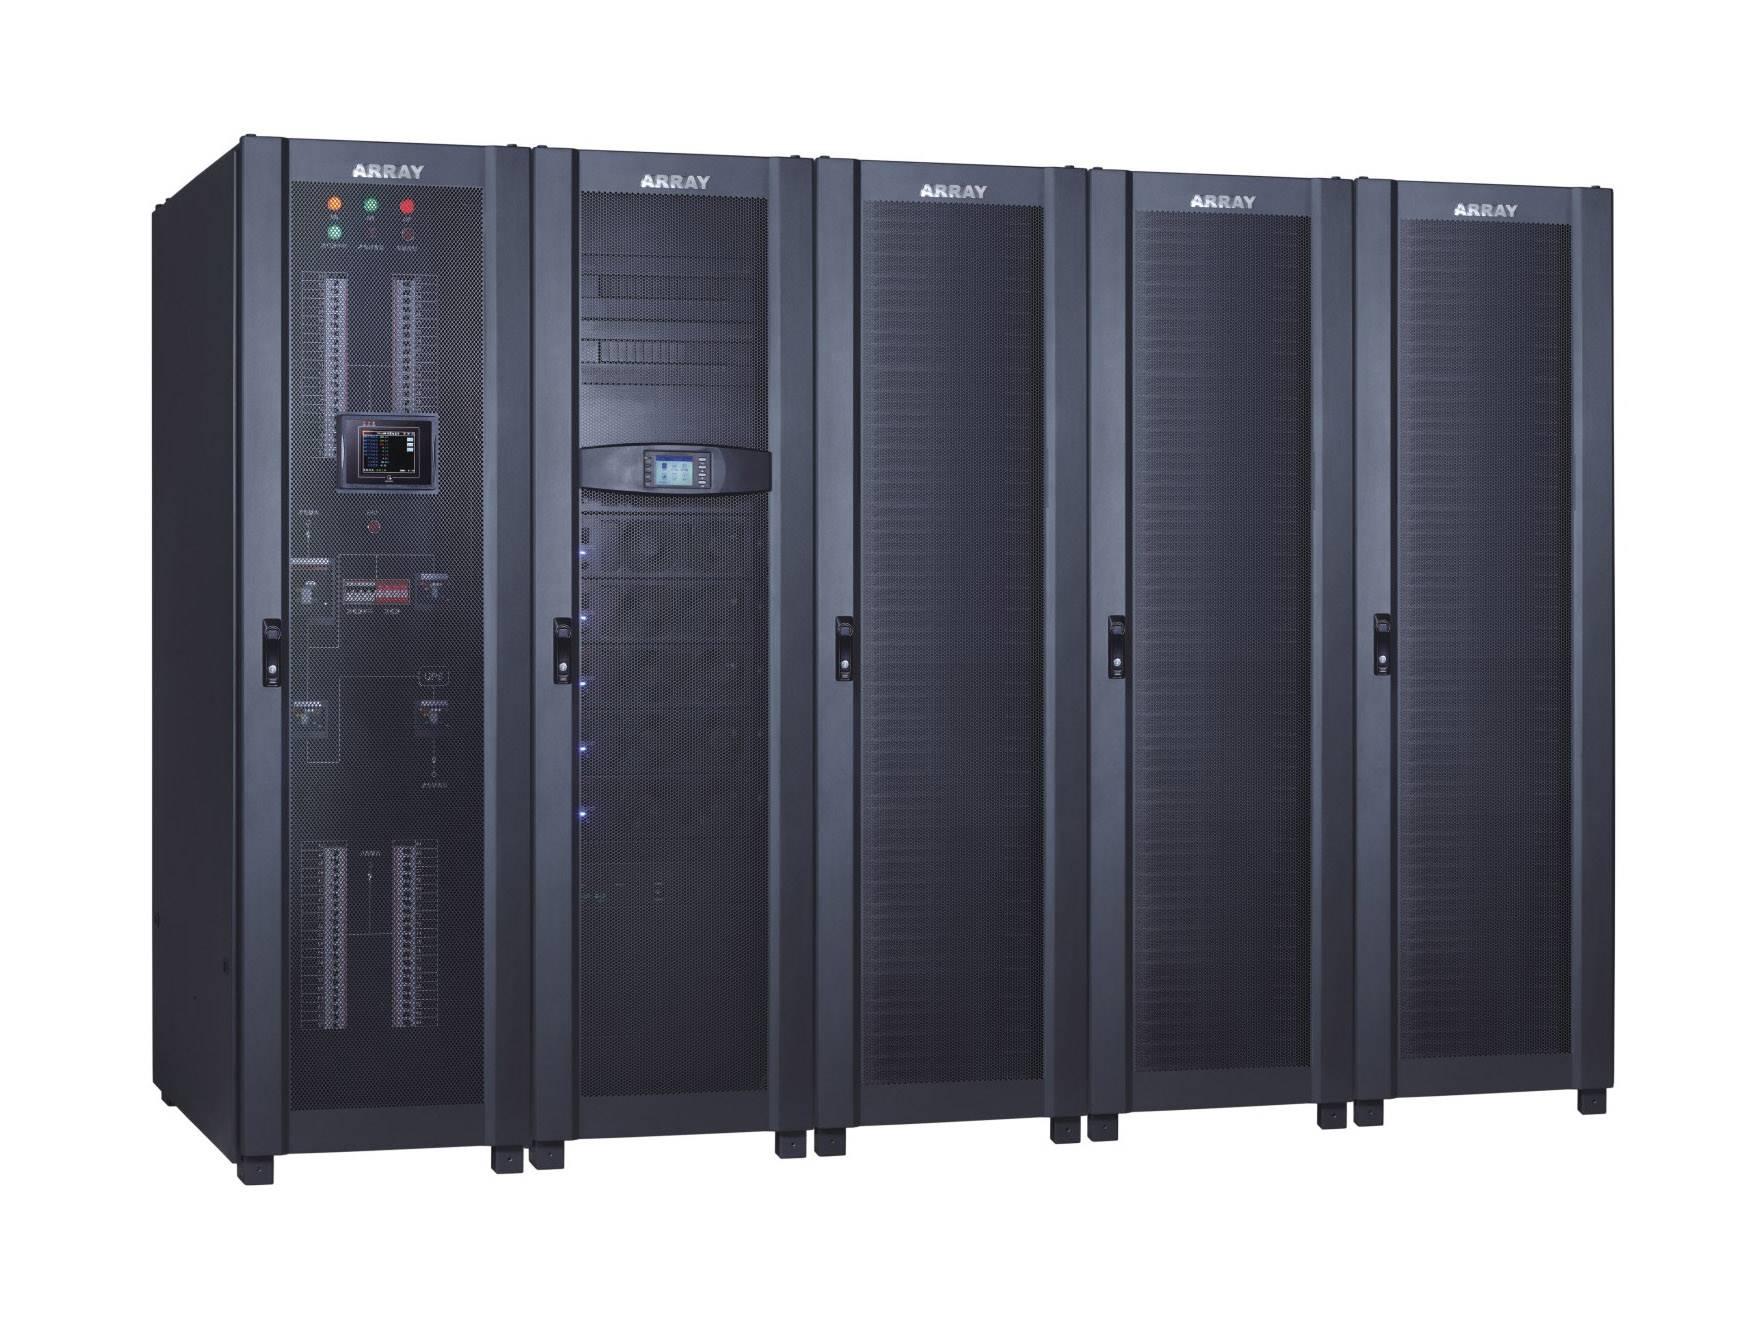 山特UPS电源新款3C3PRO-40KS负载32KW性能更稳定